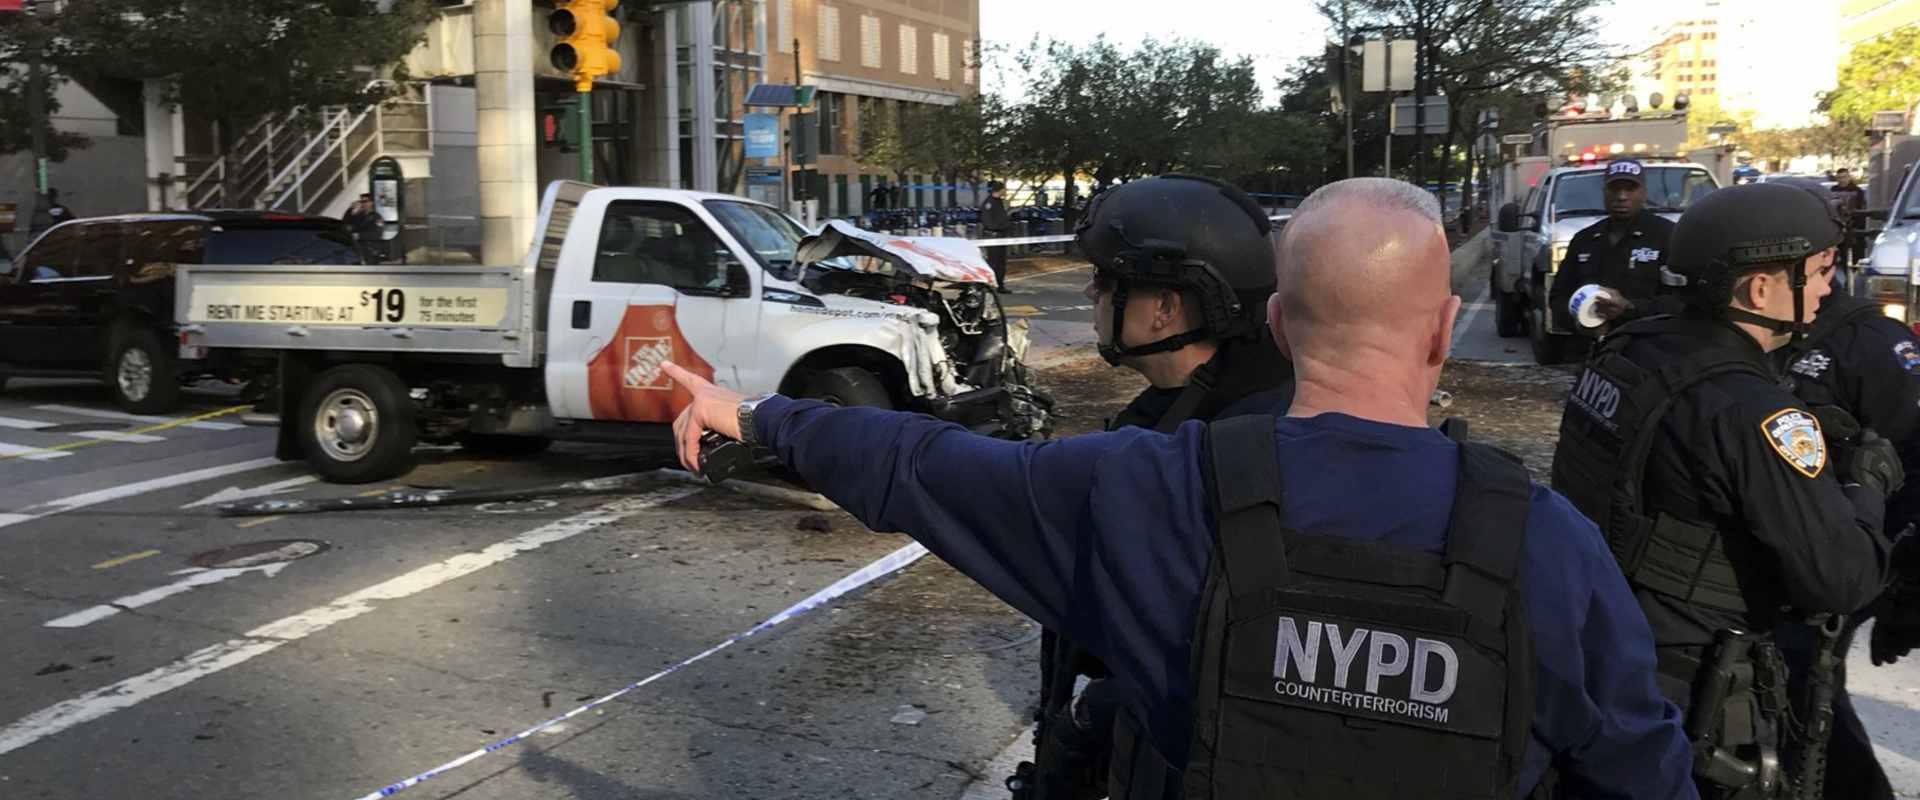 כוחות משטרה בזירה במנהטן